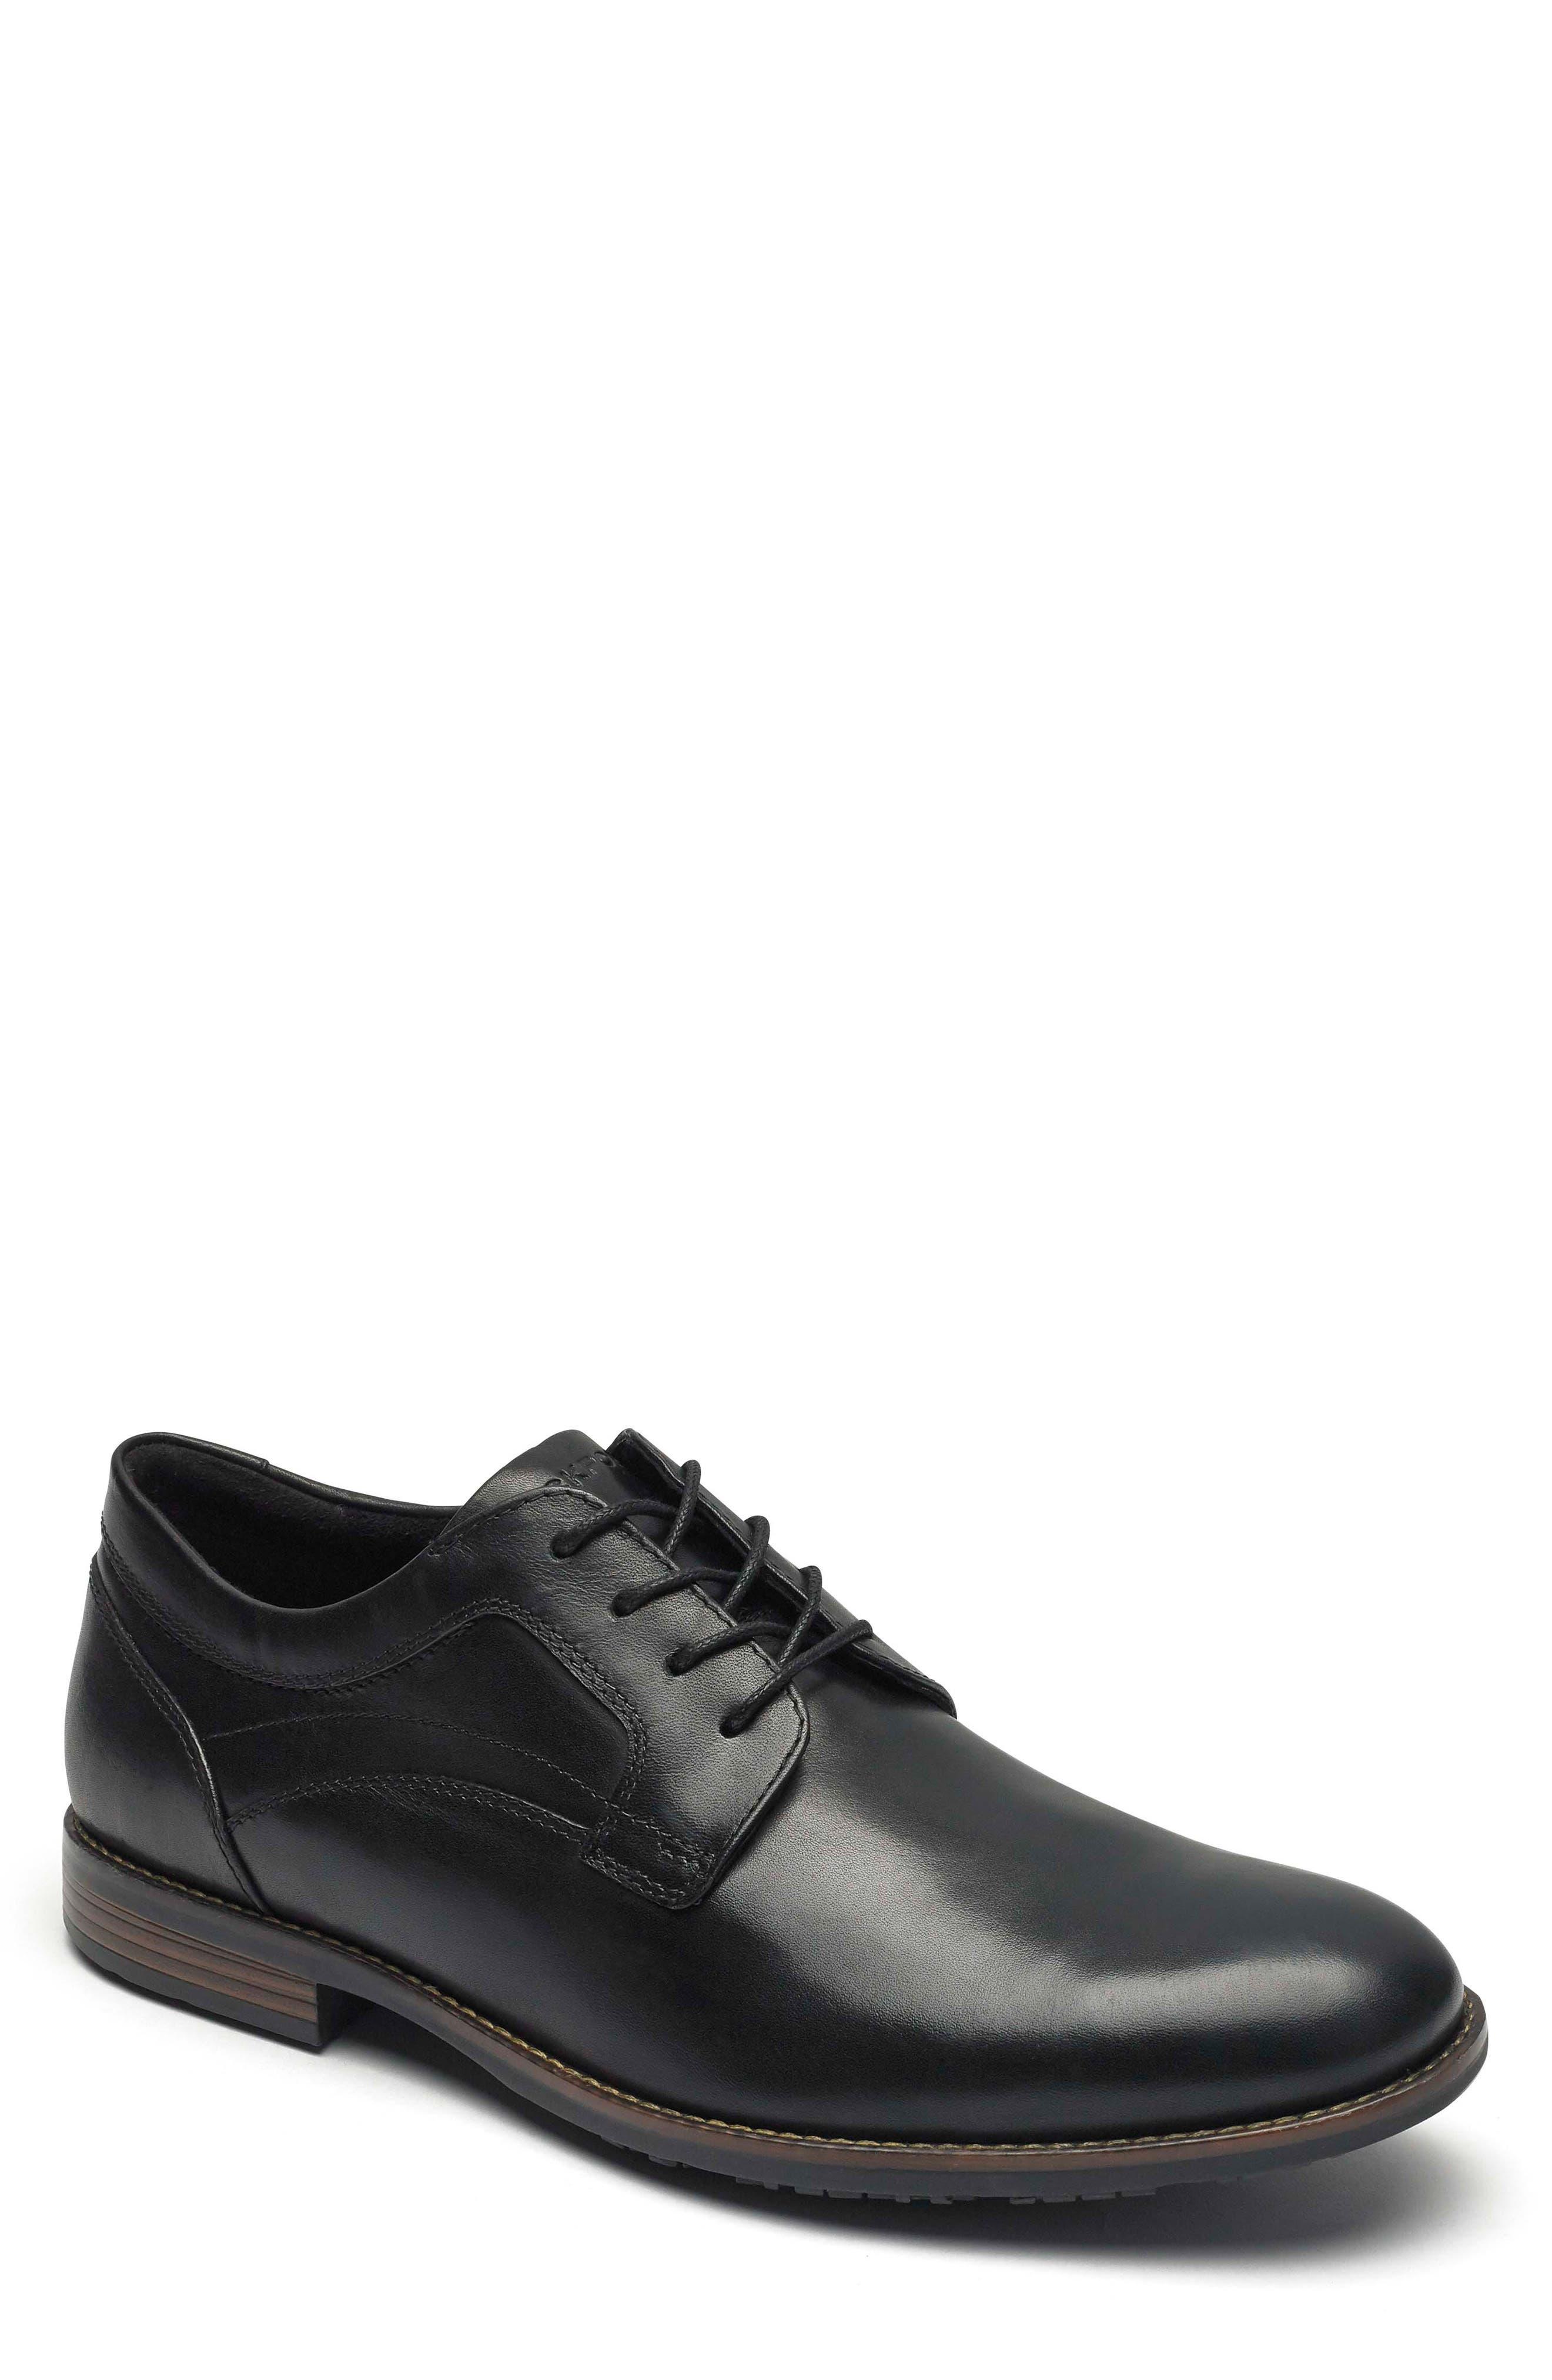 Dustyn Waterproof Plain Toe Derby,                         Main,                         color, BLACK LEATHER